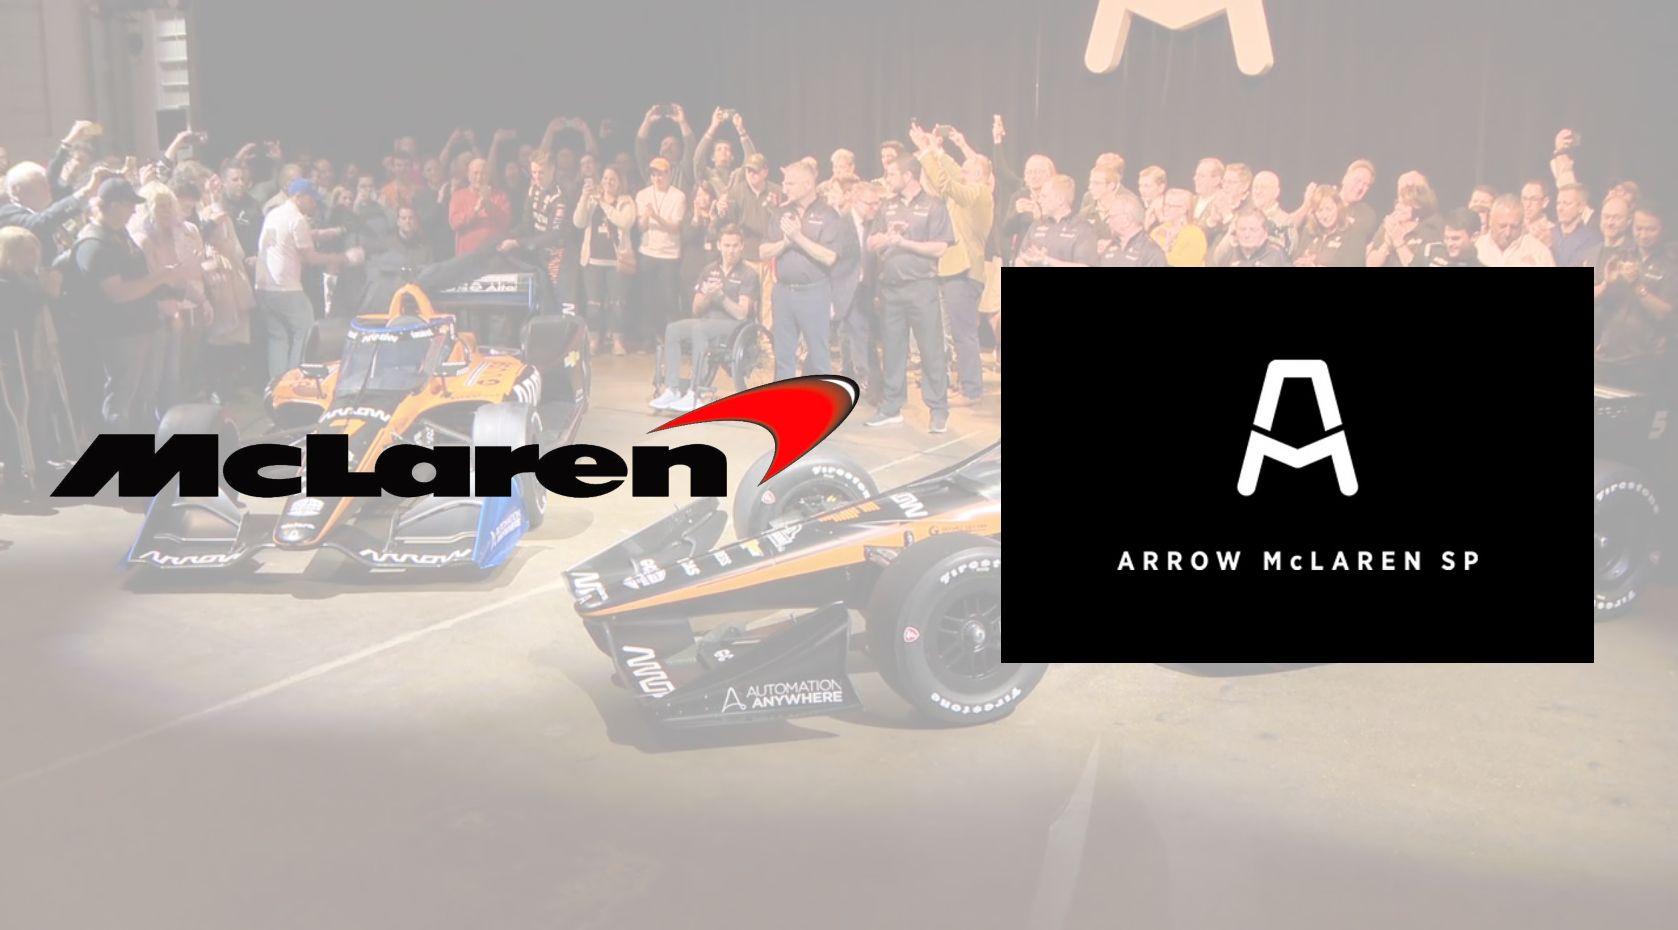 McLaren Racing aims to acquire a majority stake in Arrow McLaren SP IndyCar team